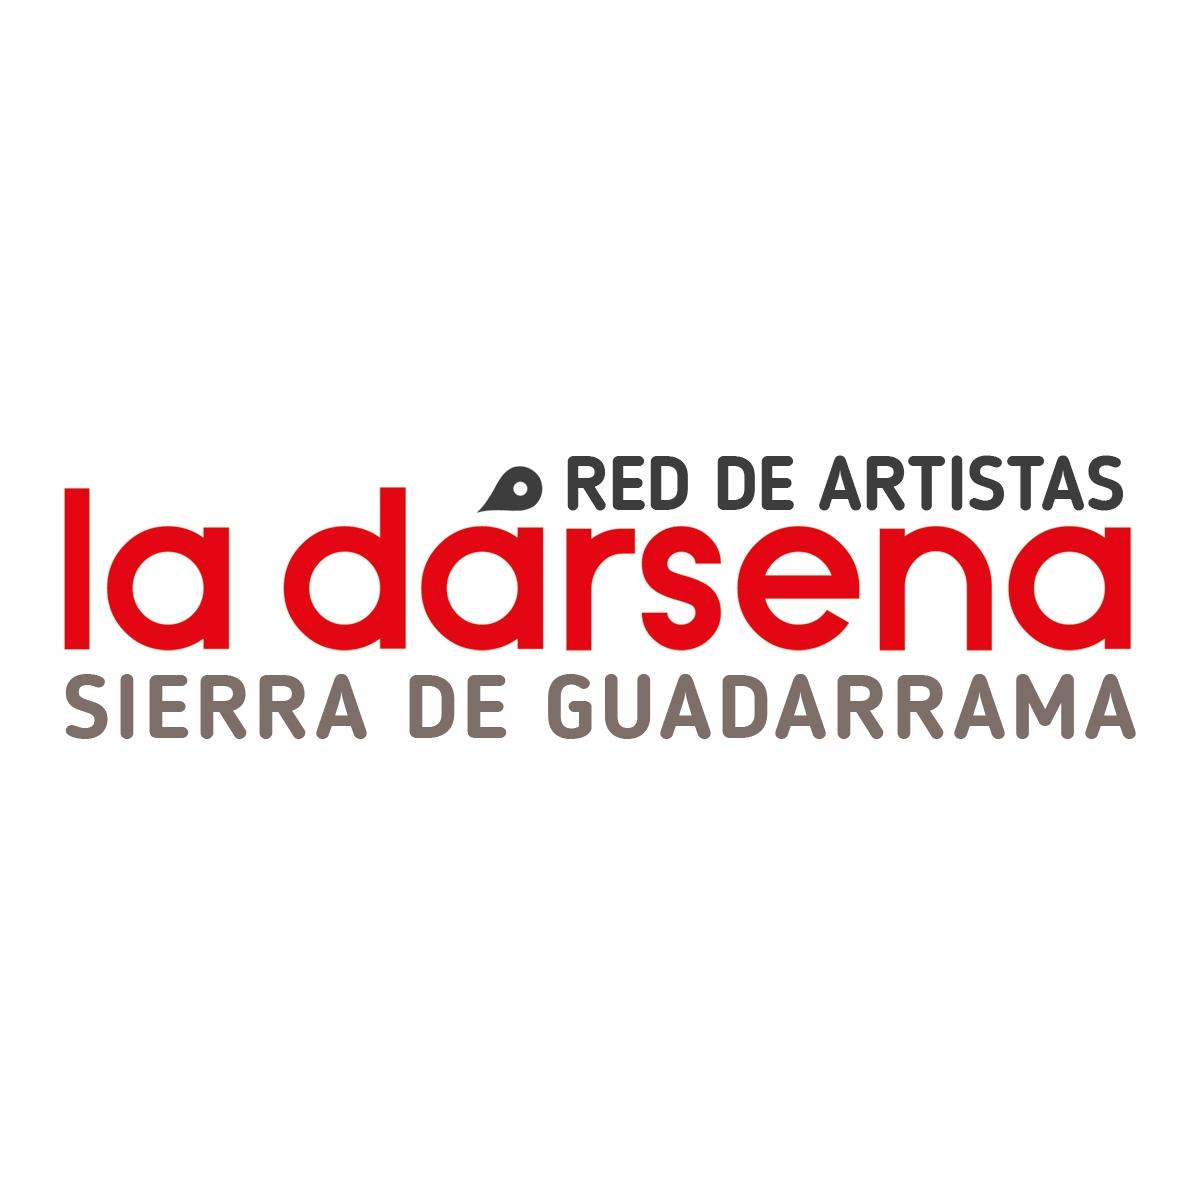 Red de Artistas La Dársena Sierra de Guadarrama